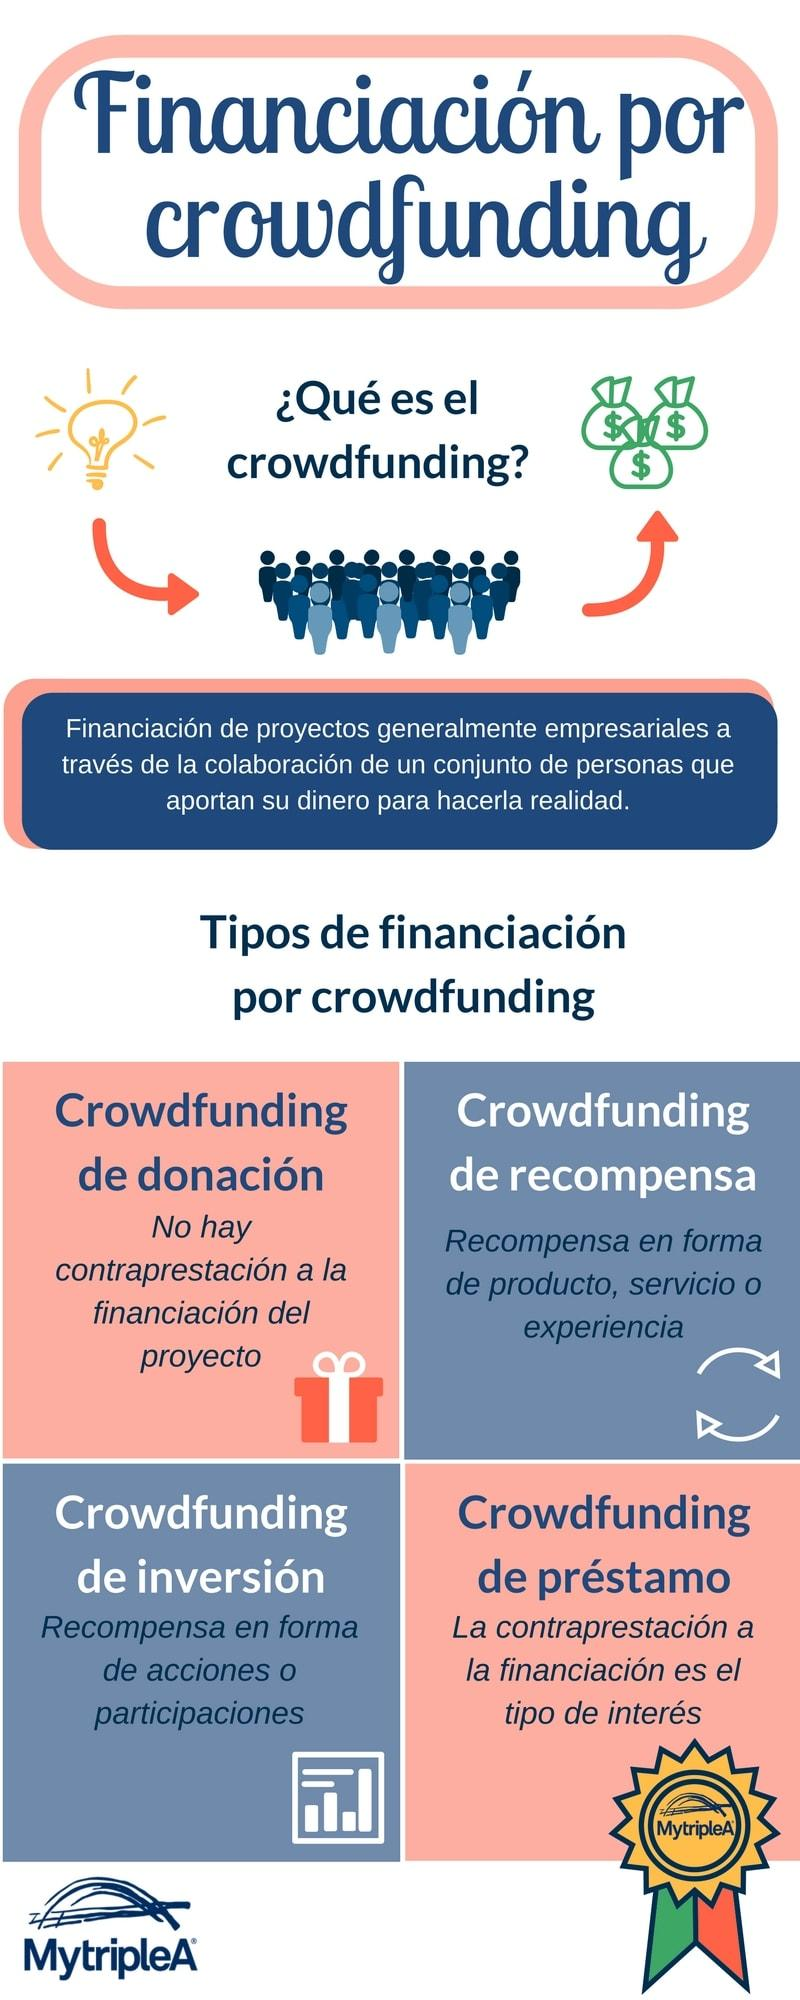 Financiación crowdfunding infografía